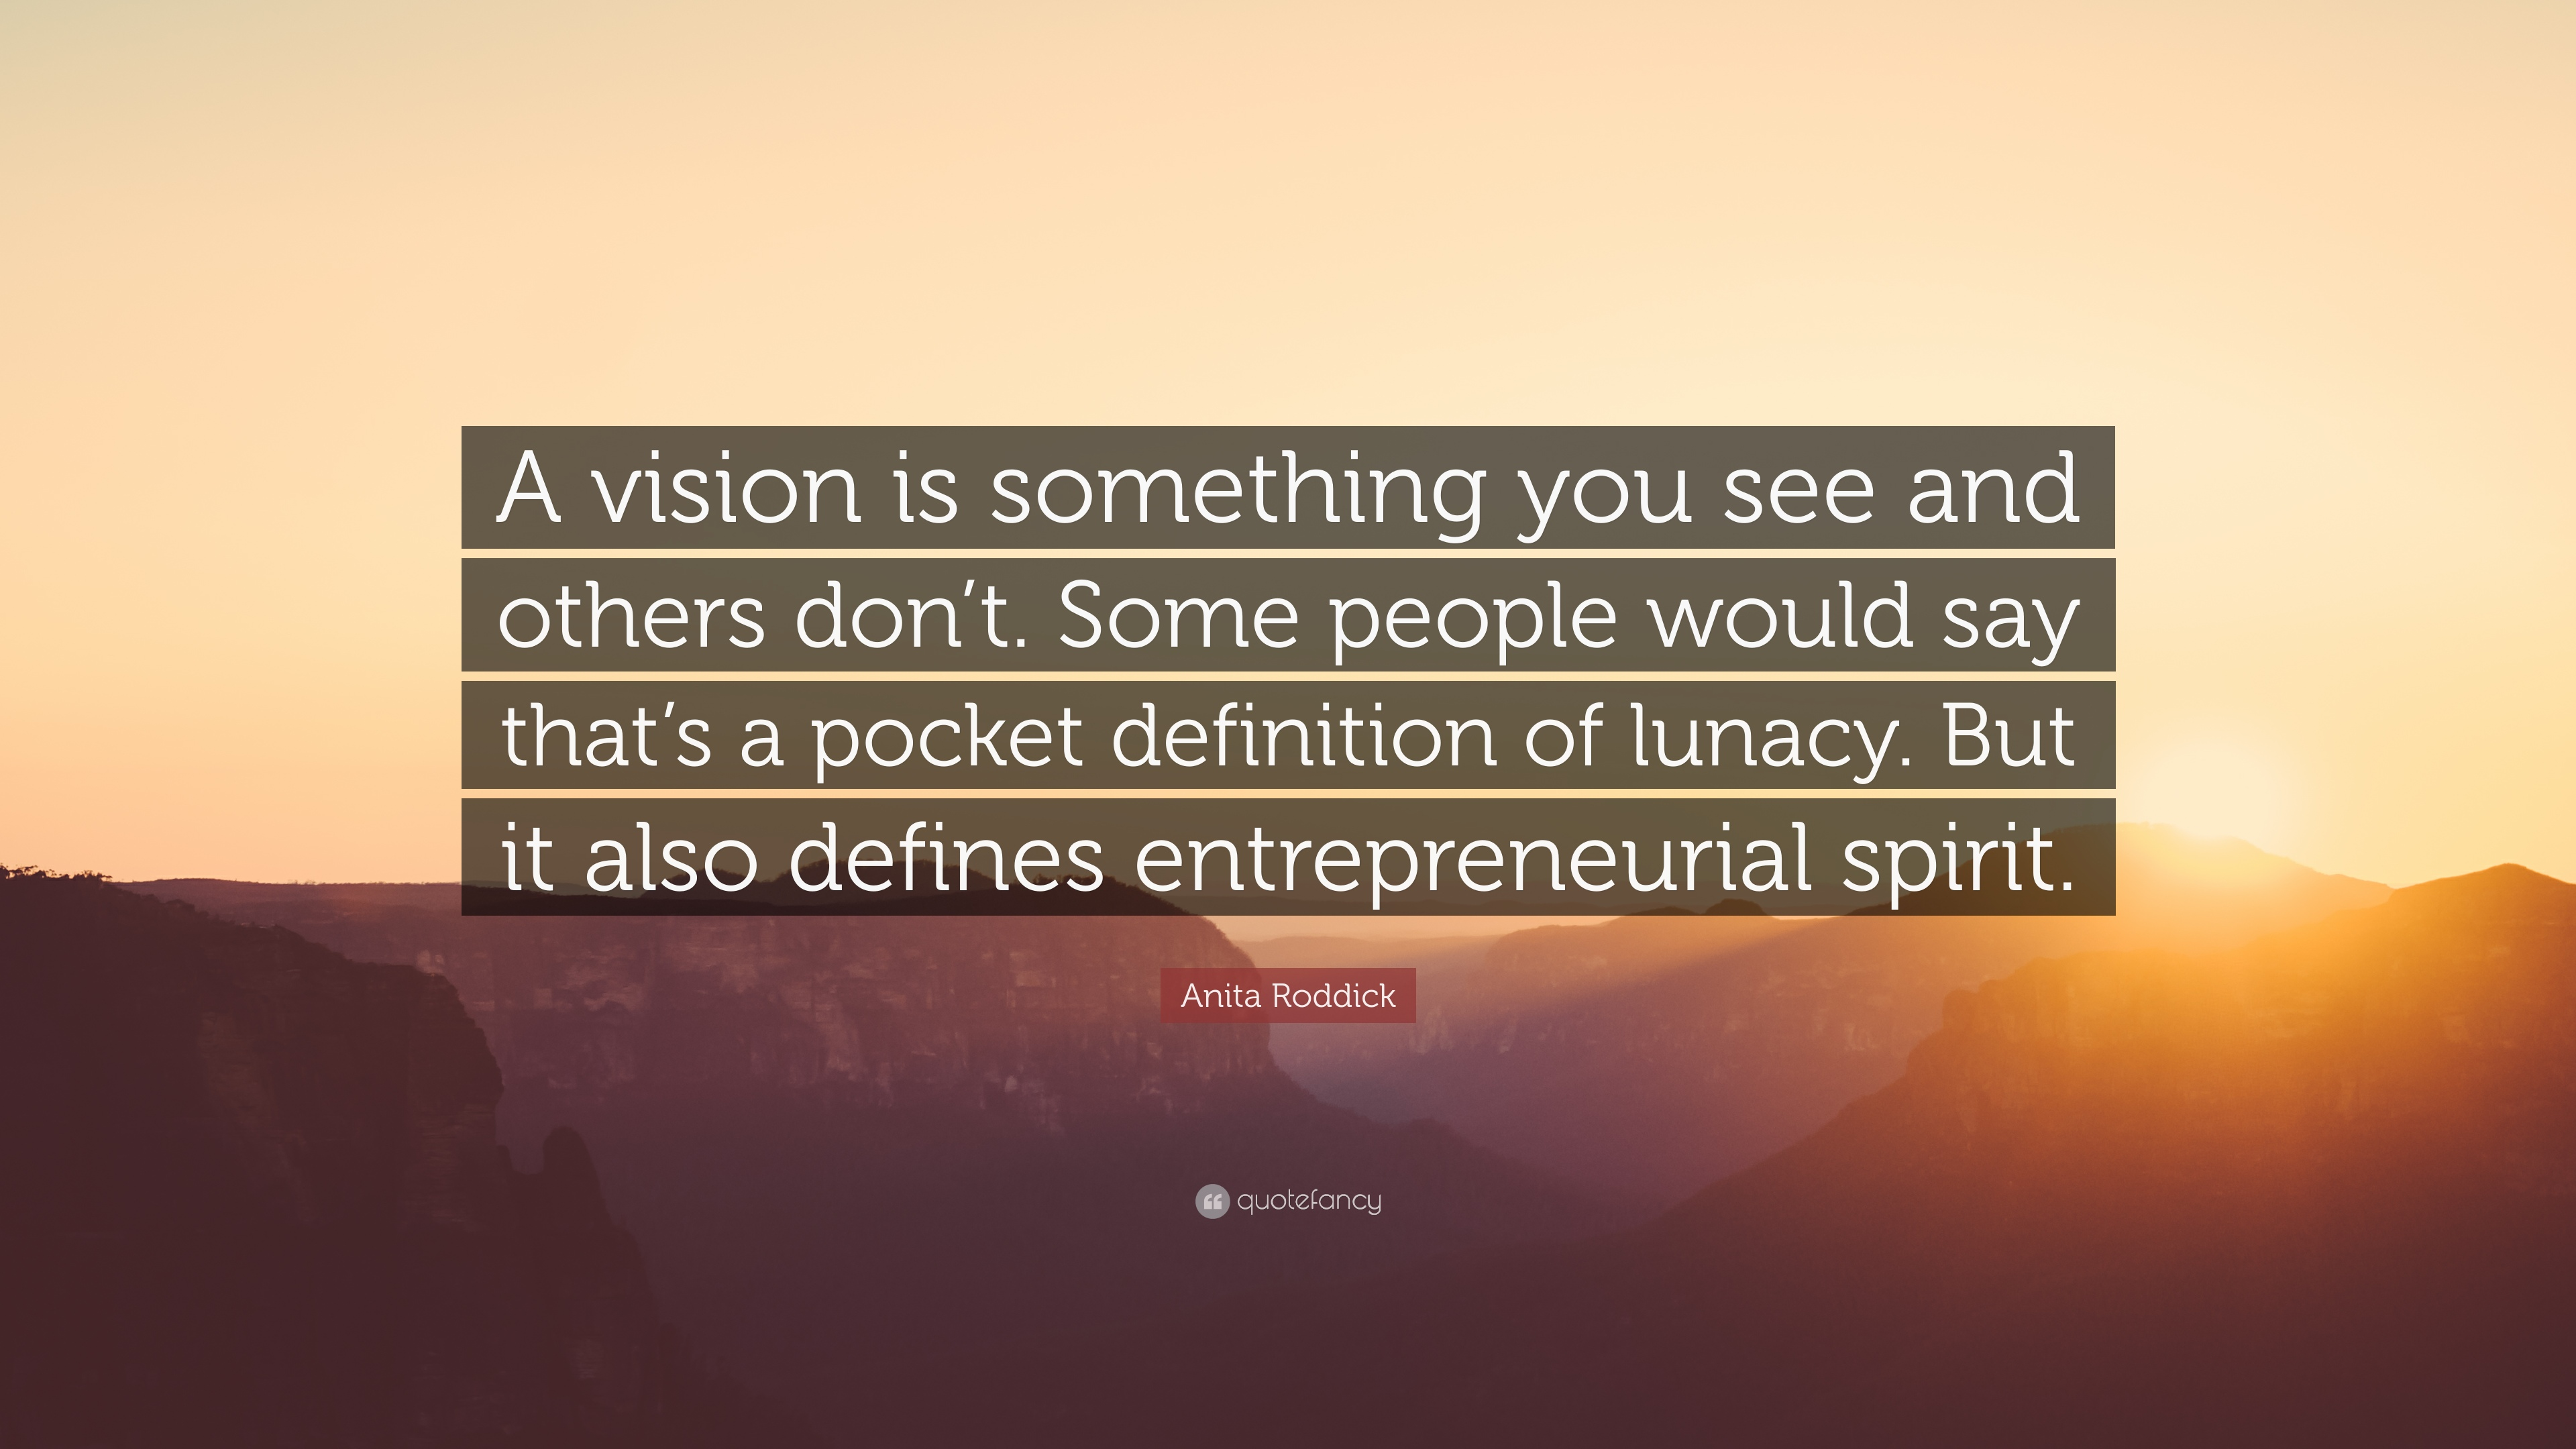 Entrepreneurial Spirit Definition